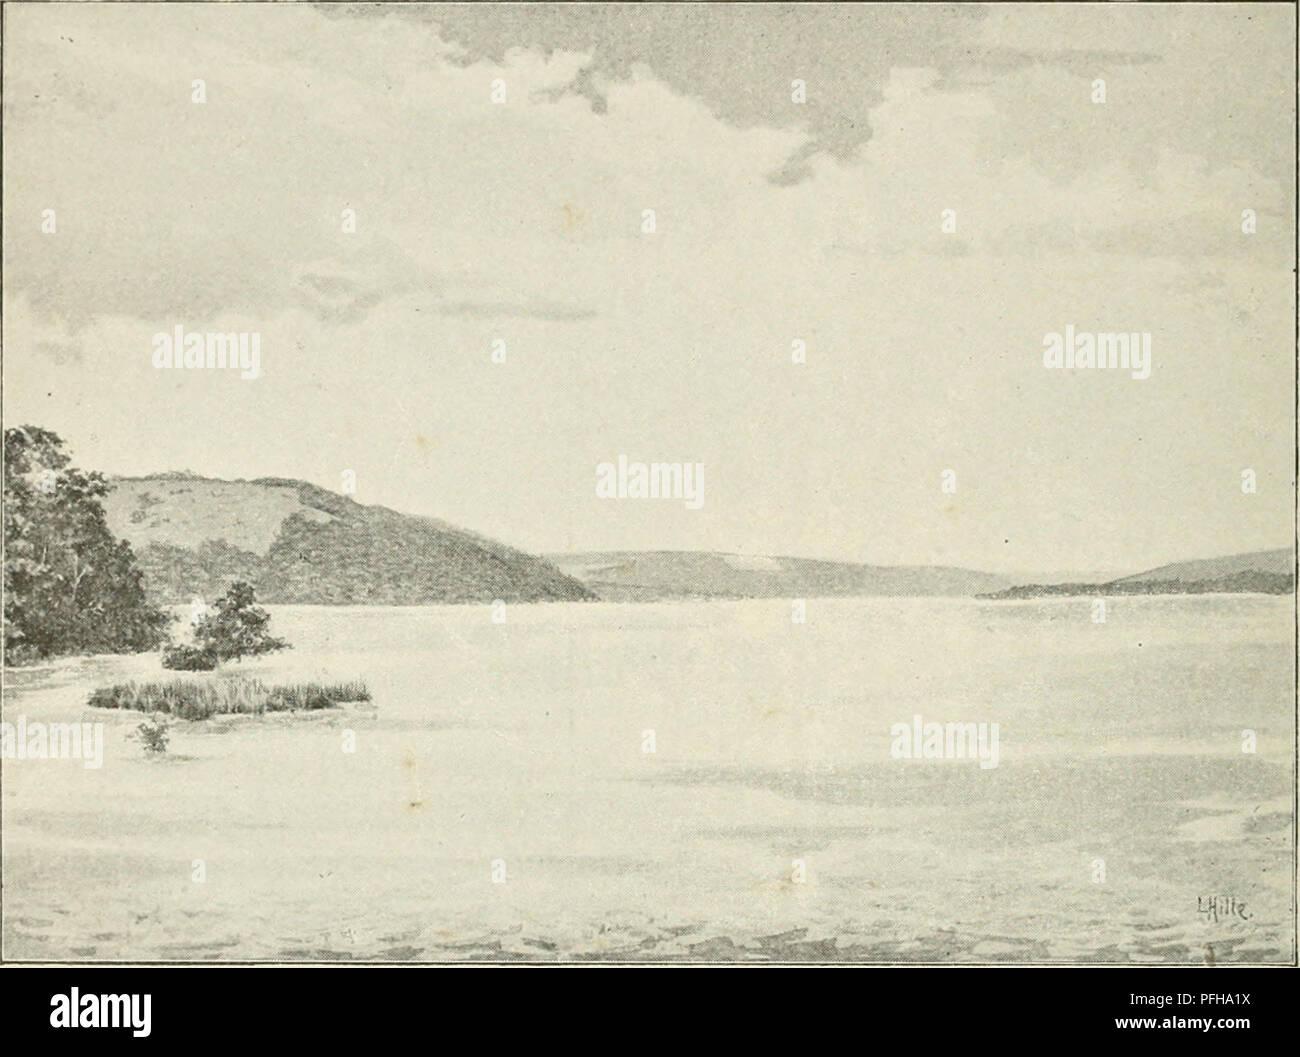 . Dans la grande forêt de l'Afrique centrale. Mon voyage au Congo et à la Mongala en 1896. Botany. 10 Chapitre Premier besogne, on avait engagé un grand nombre de travailleurs qui nous accompagnaient dans une pirogue amarrée au vapeur. (V. pi. 1G.) En amonl du Stanley-PooJ, le Congo coule au milieu de longues chaînes de collines, couvertes de forêts dans leur partie inférieure et de brousse sur leurs sommets arrondis. Dans cette partie du fleuve, resserrée entre les montagnes rive- raines et à laquelle les Européens donnent le nom de « canal », un vent violent souille souvent pendant - Stock Image